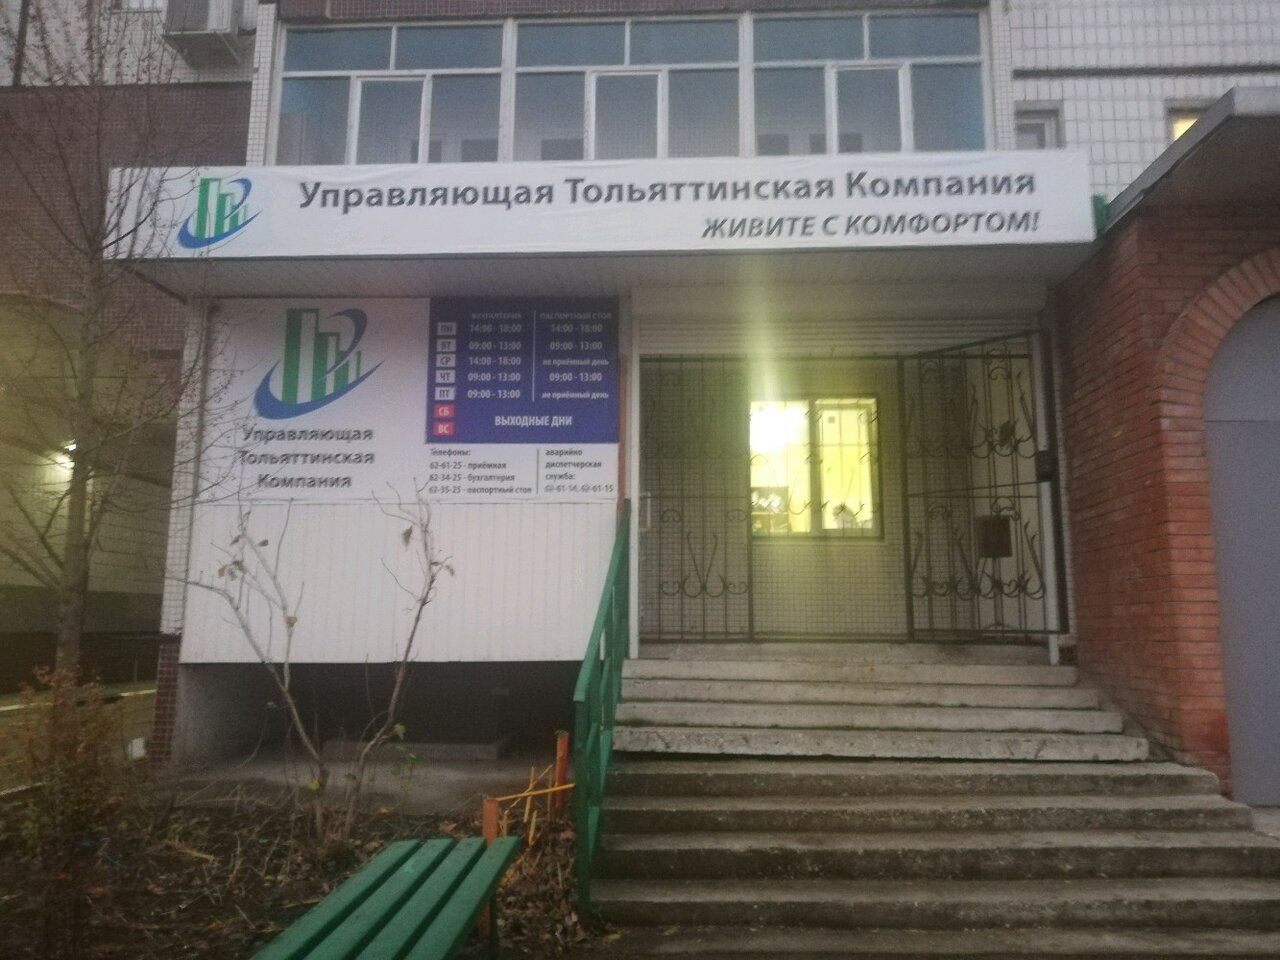 ООО «Управляющая Тольяттинская компания» обманула поставщиков на 1 миллион рублей